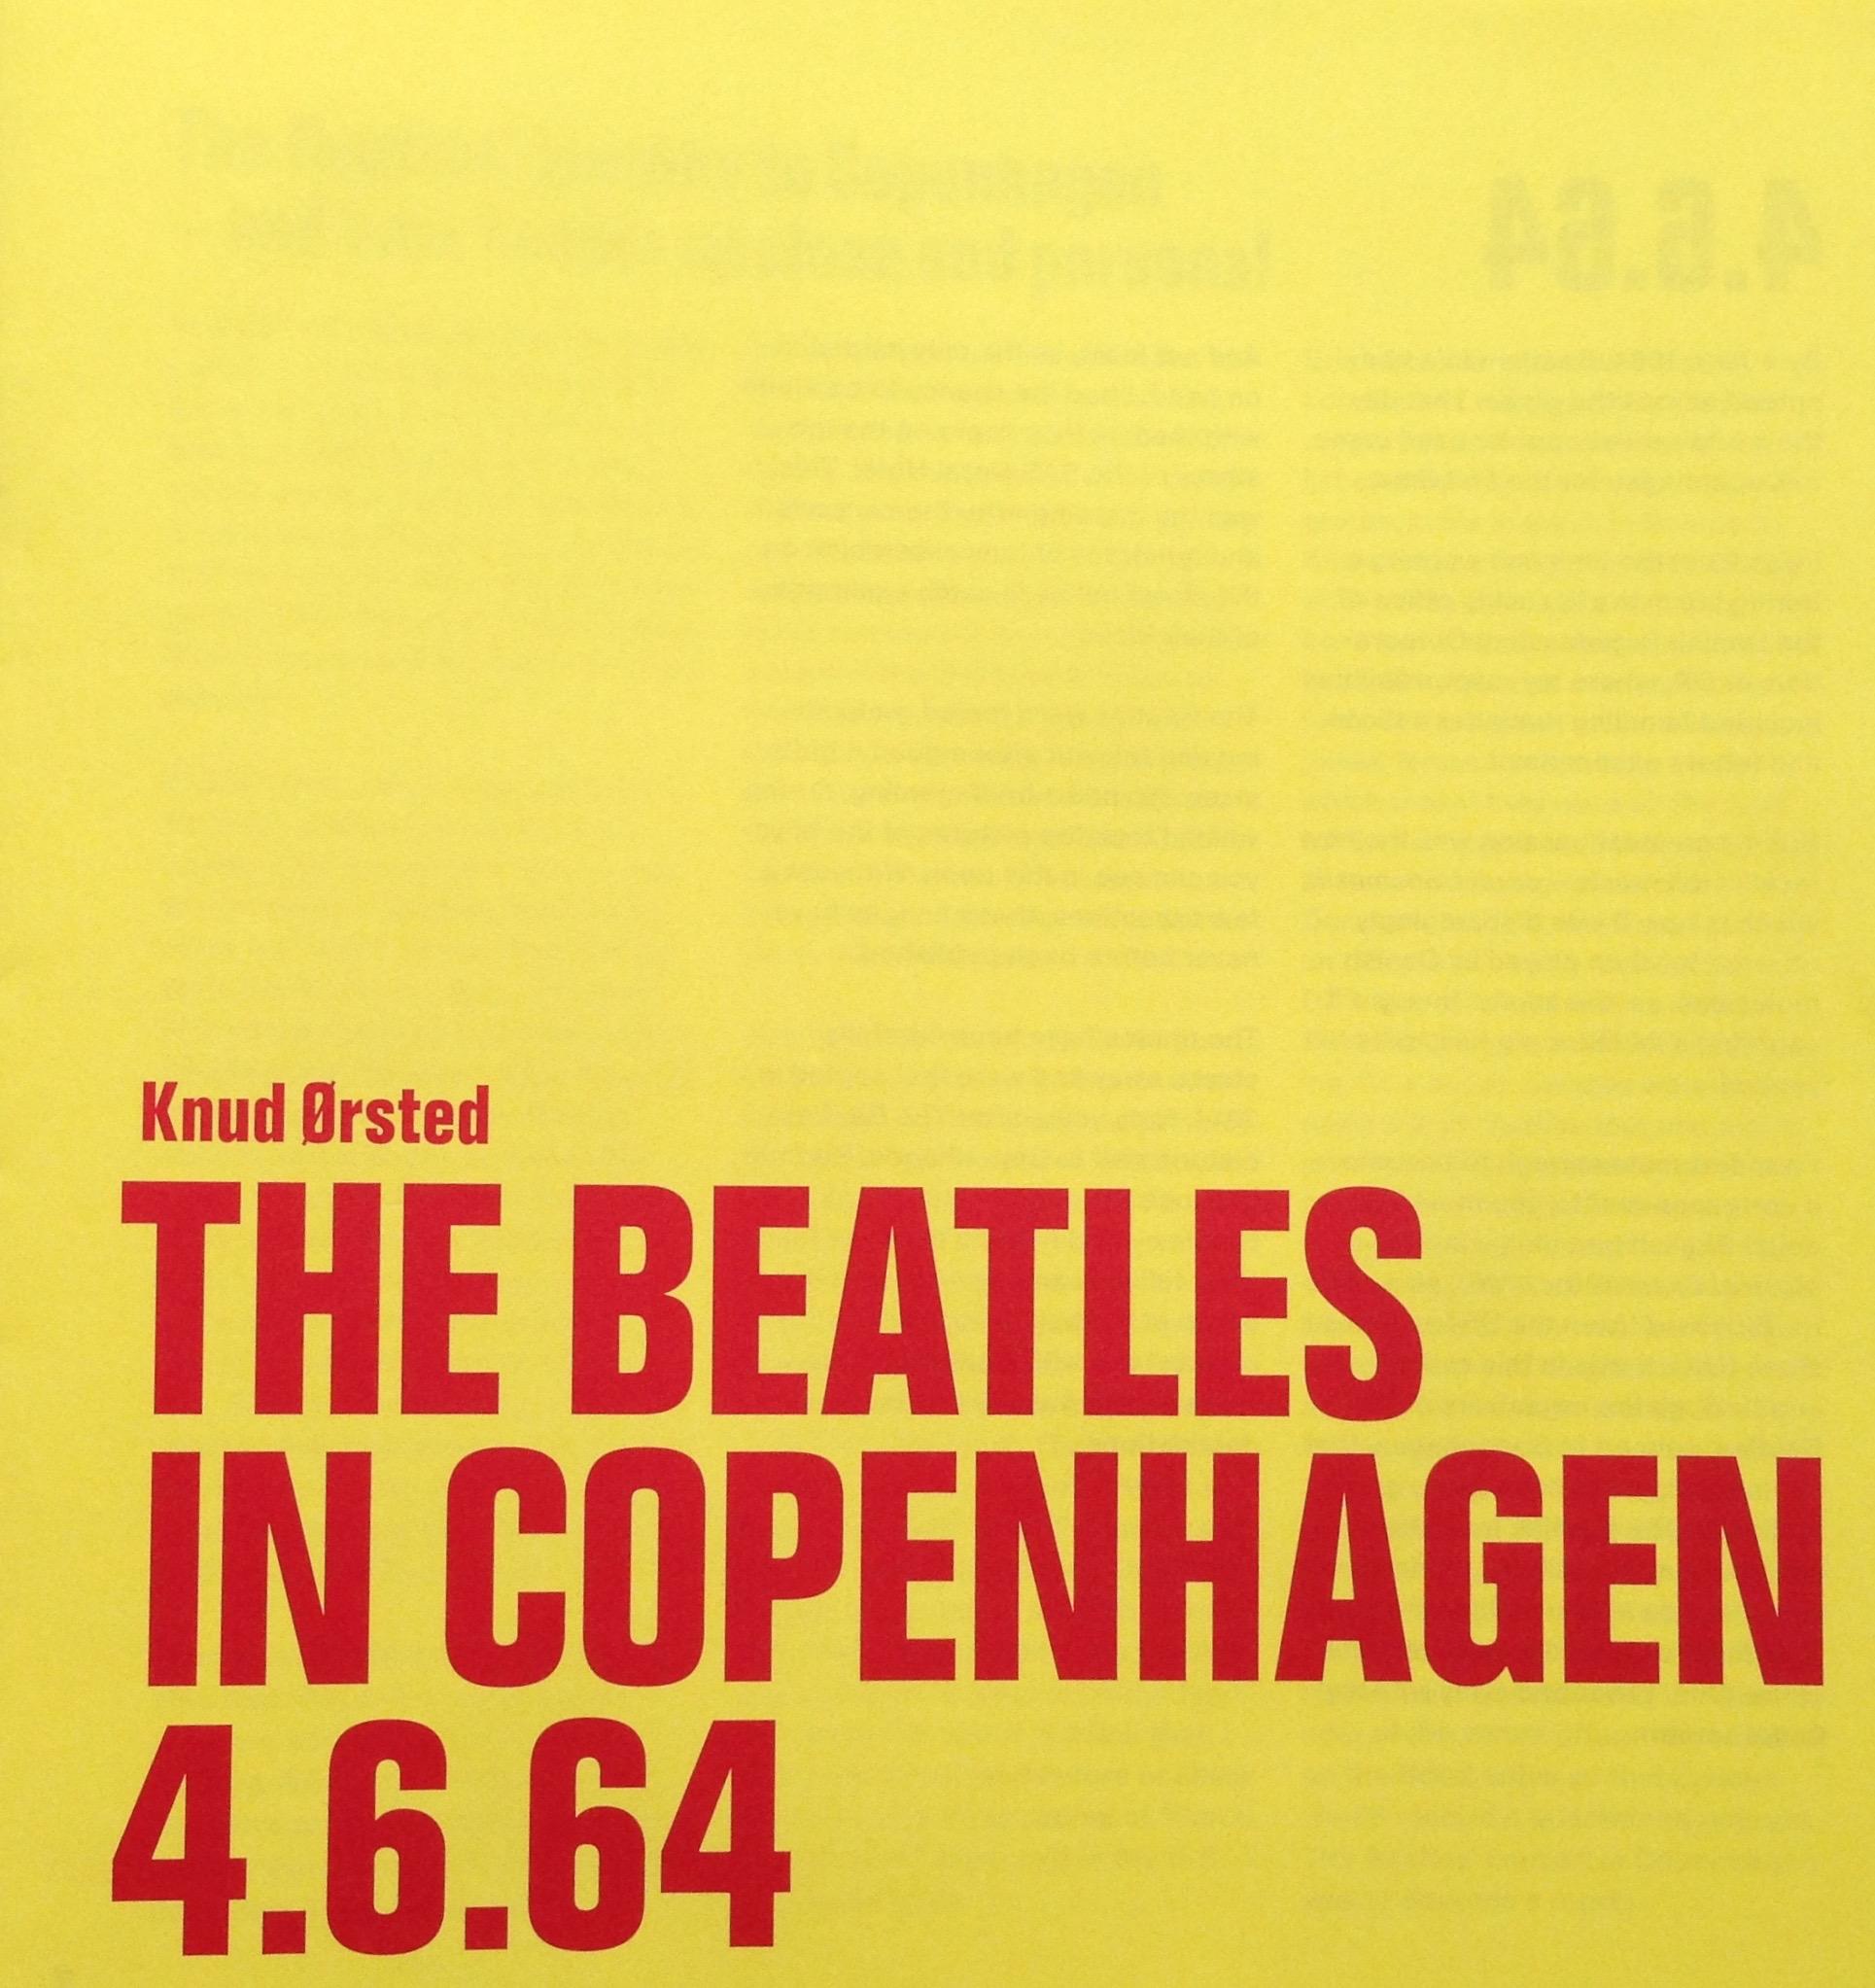 The Beatles in Copenhagen 4.6.64